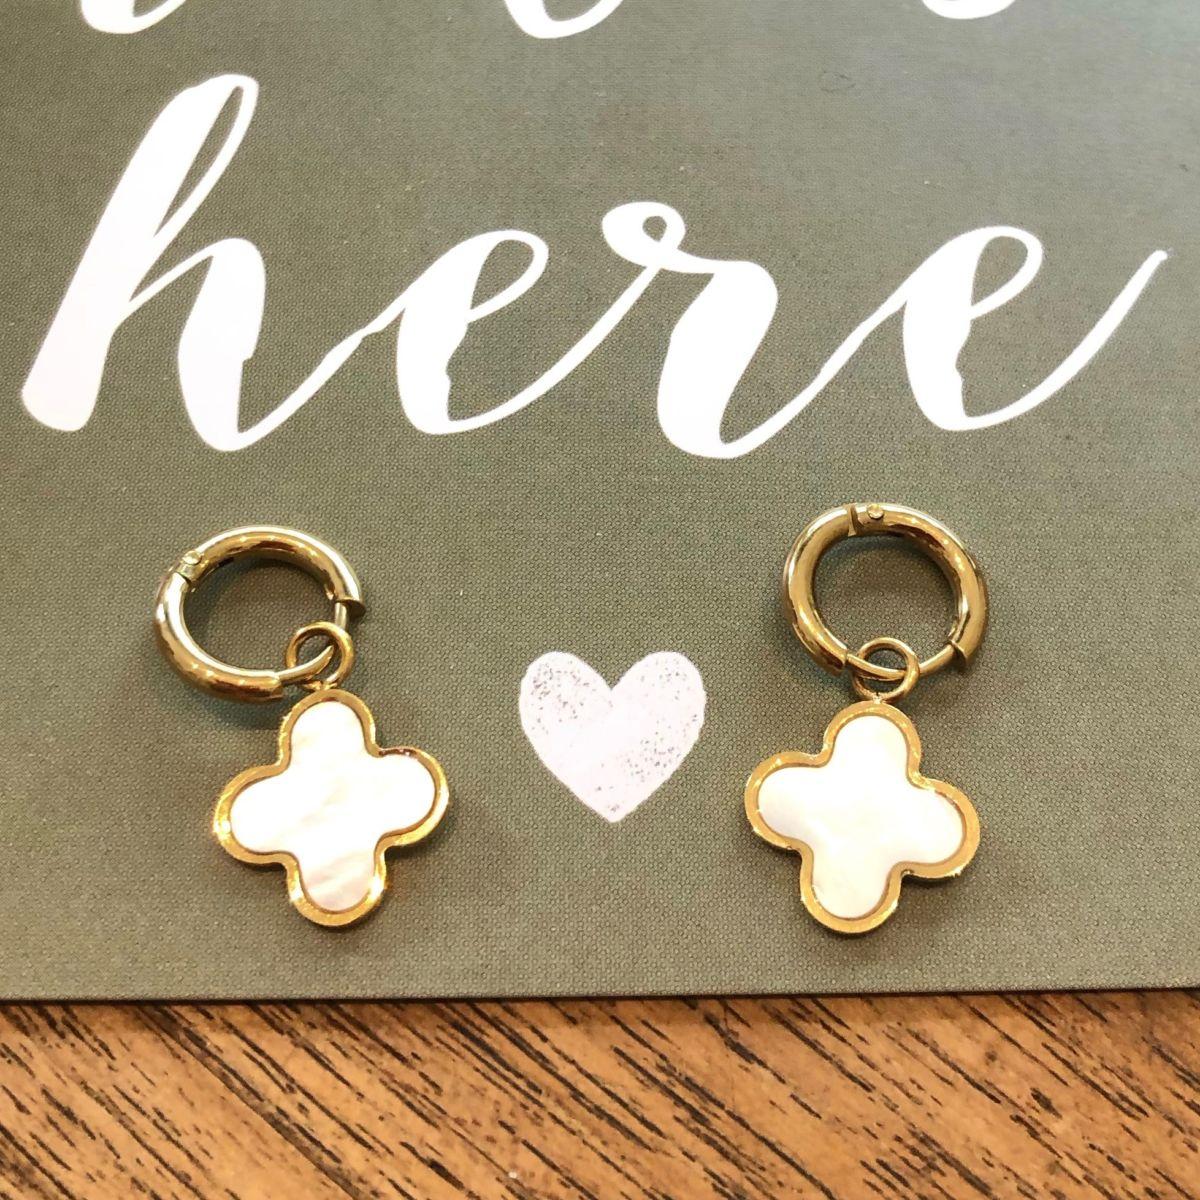 boucles d'oreilles mini créoles et breloque croix blanches et dorées acier inoxydable by destele